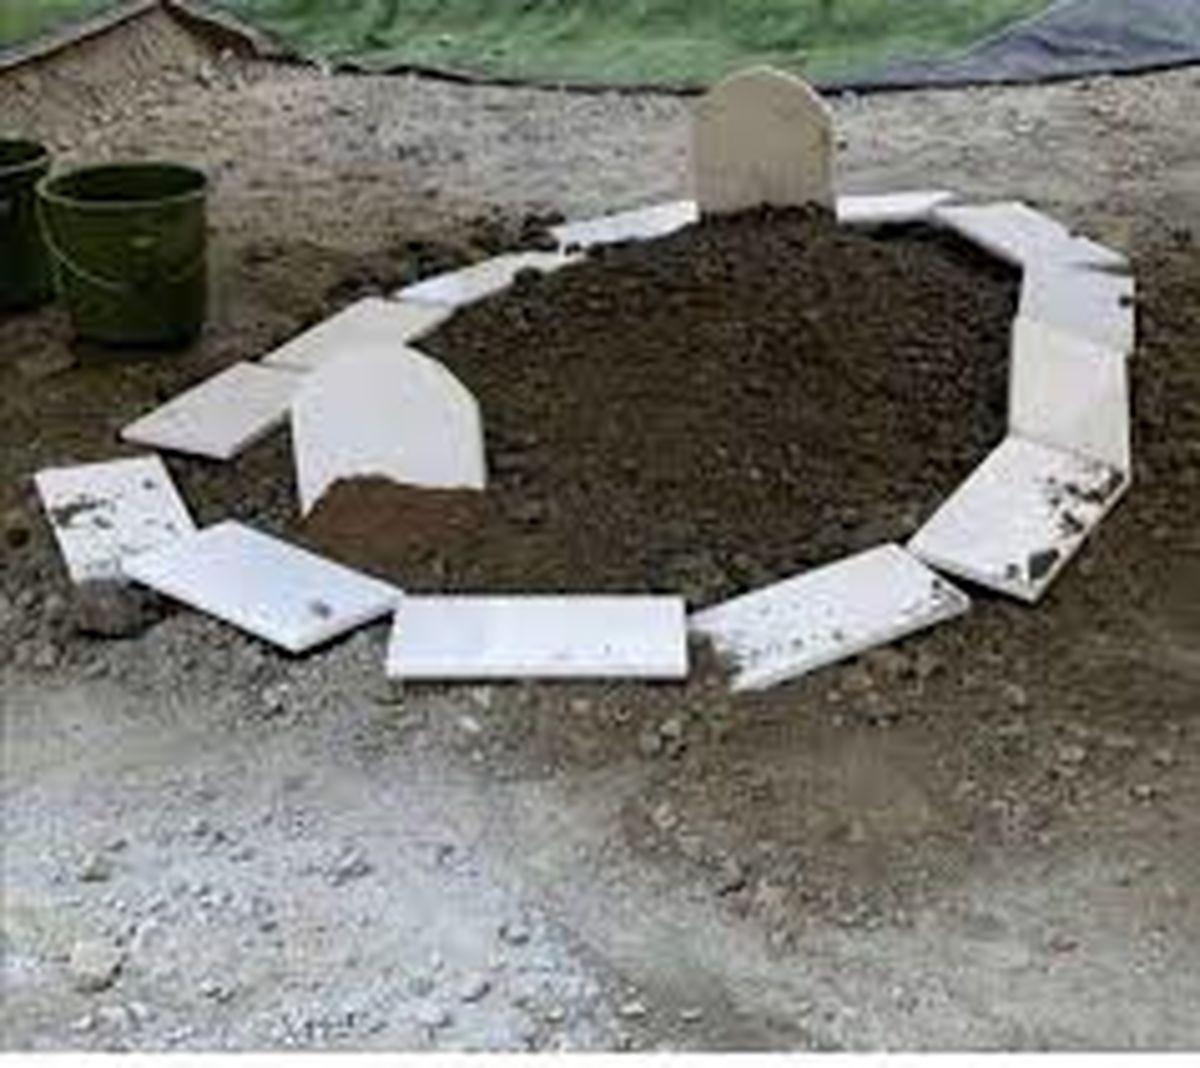 دفن جنازه مرد کرجی توسط 2 قاتل بی شرم در باغ